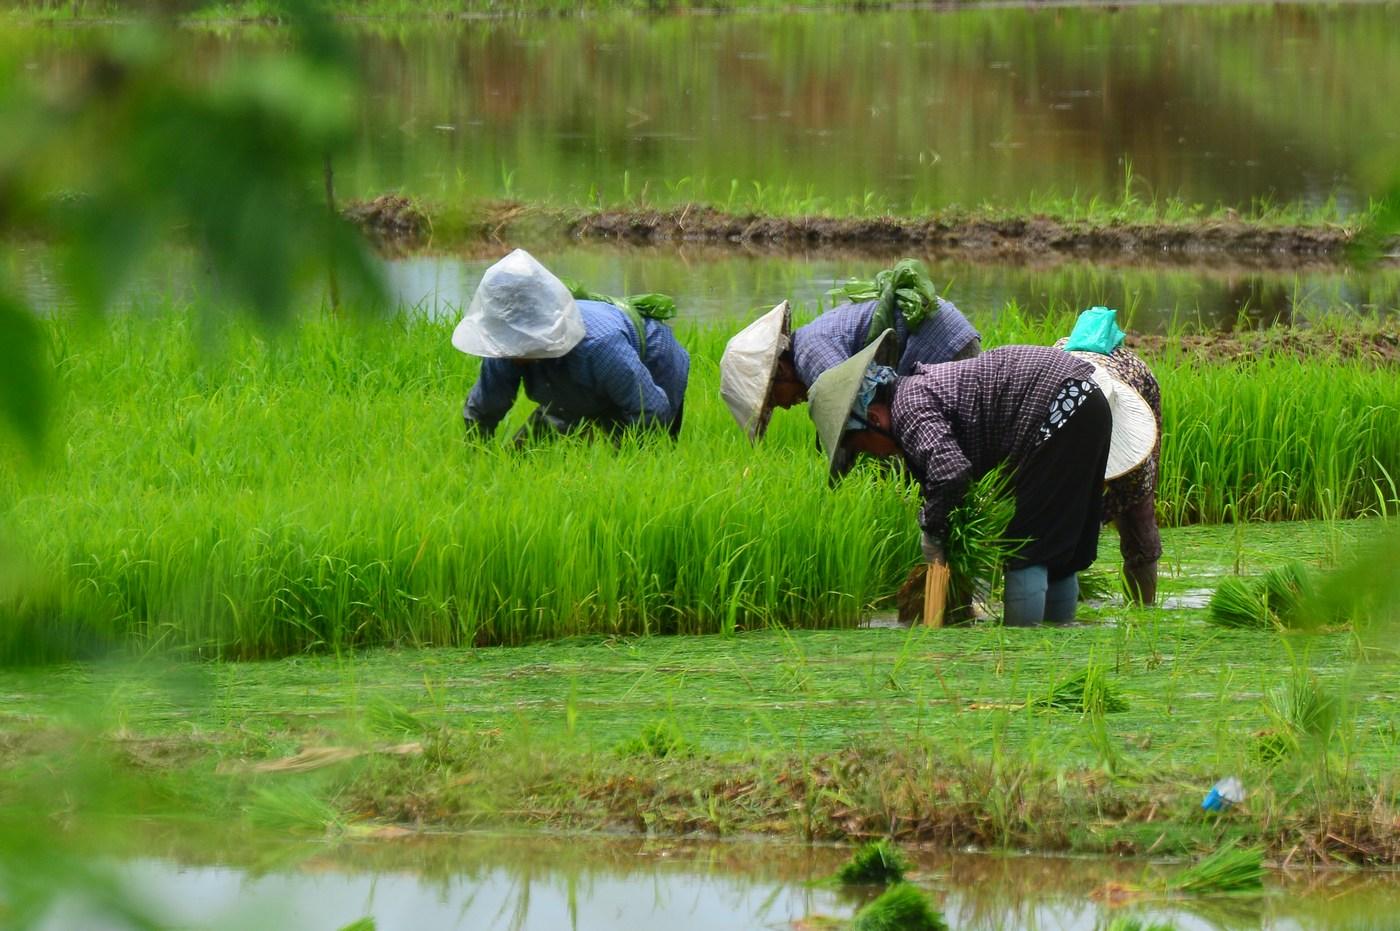 Dans toute la région du Mékong, la culture du riz est intensive et vitale. On a dénombré 40 000 variétés de riz sur les 140 000 km² de rizières... Le repiquage se fait souvent à la main, comme ici.